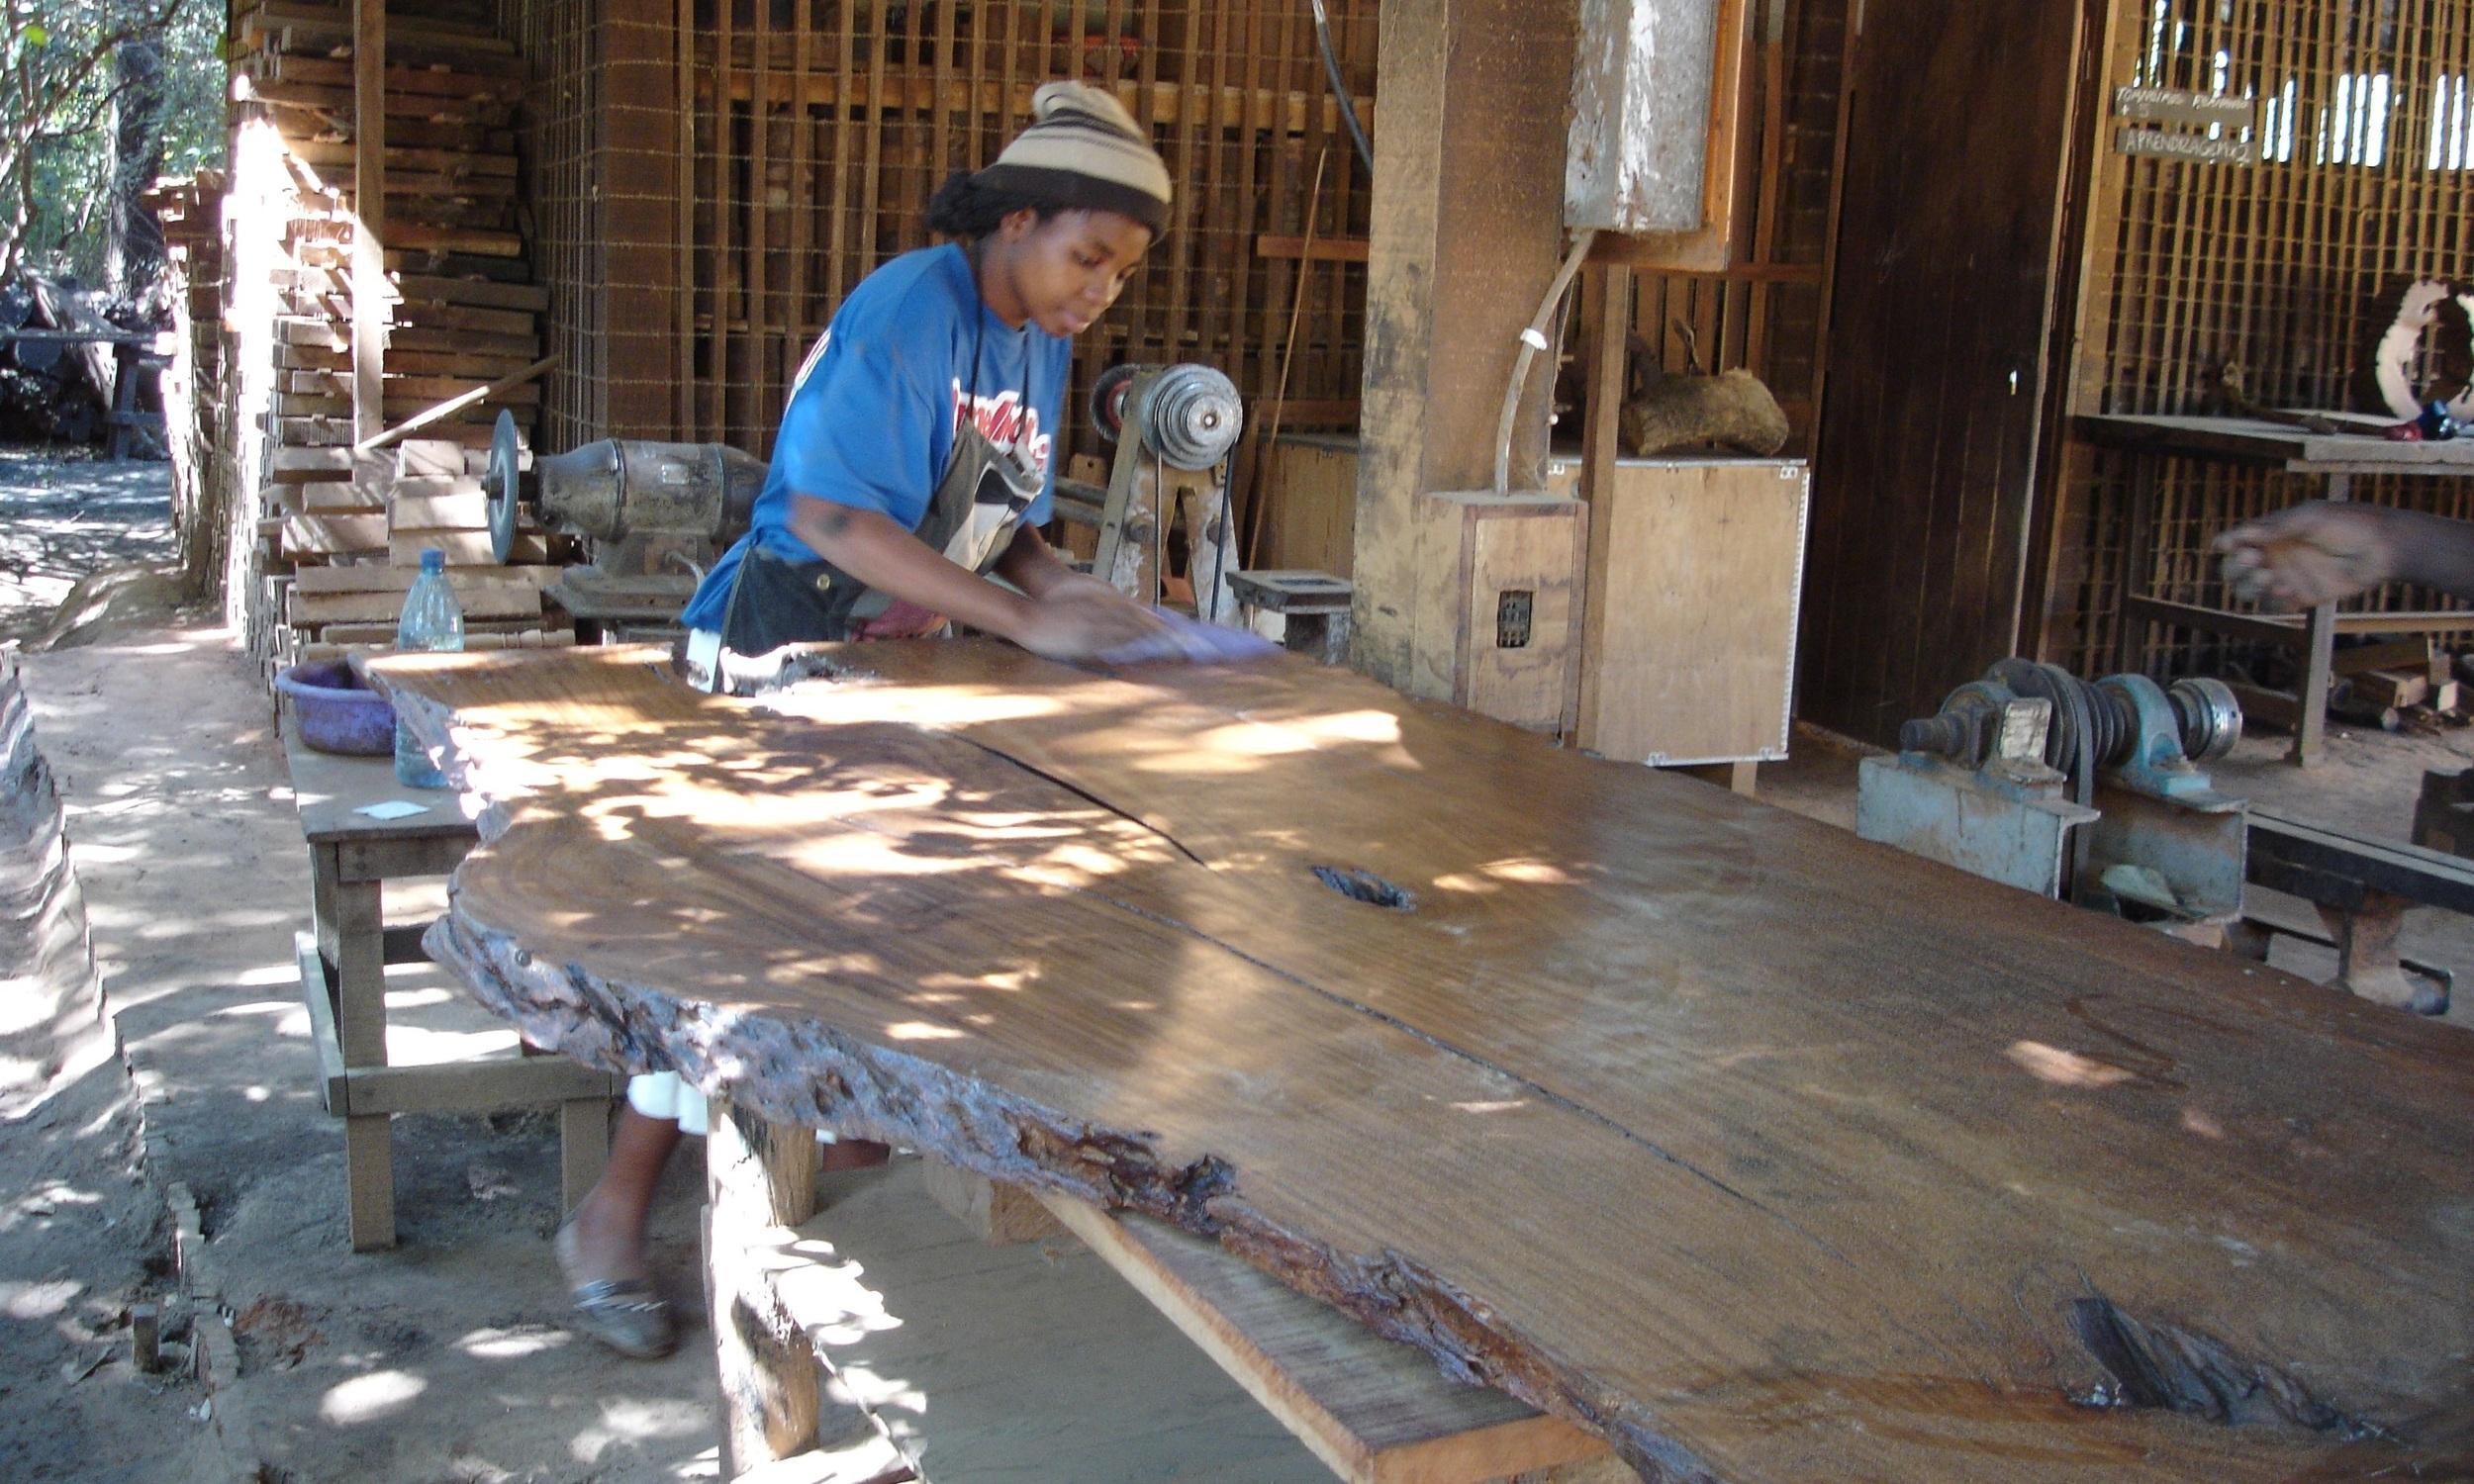 Acabamento à mãe de placas  - Hand finishing a slab